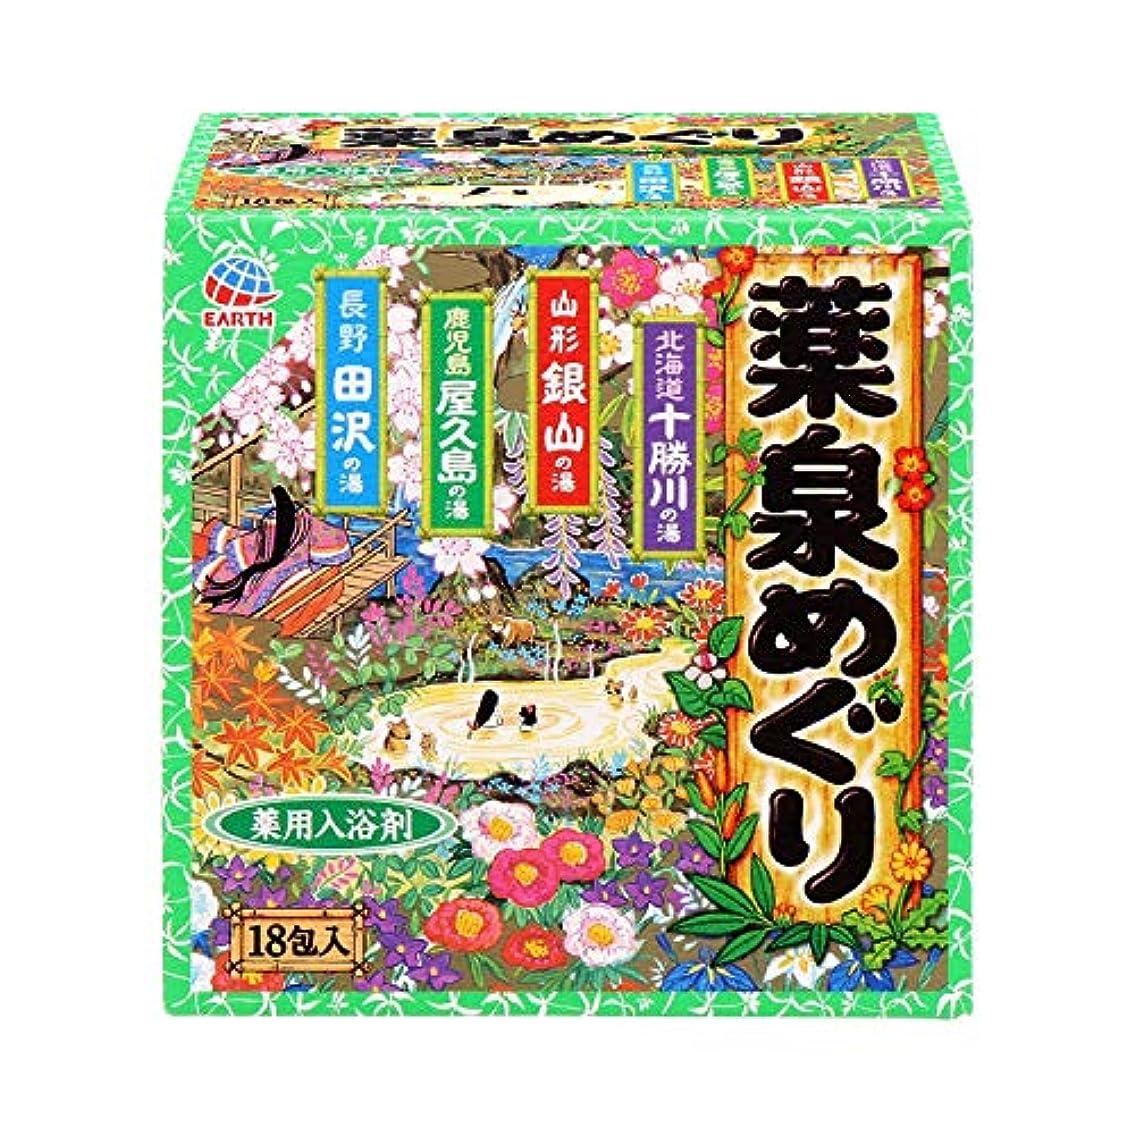 胸純粋に雨【アース製薬】薬泉めぐり 540g(30g*18包) ×5個セット